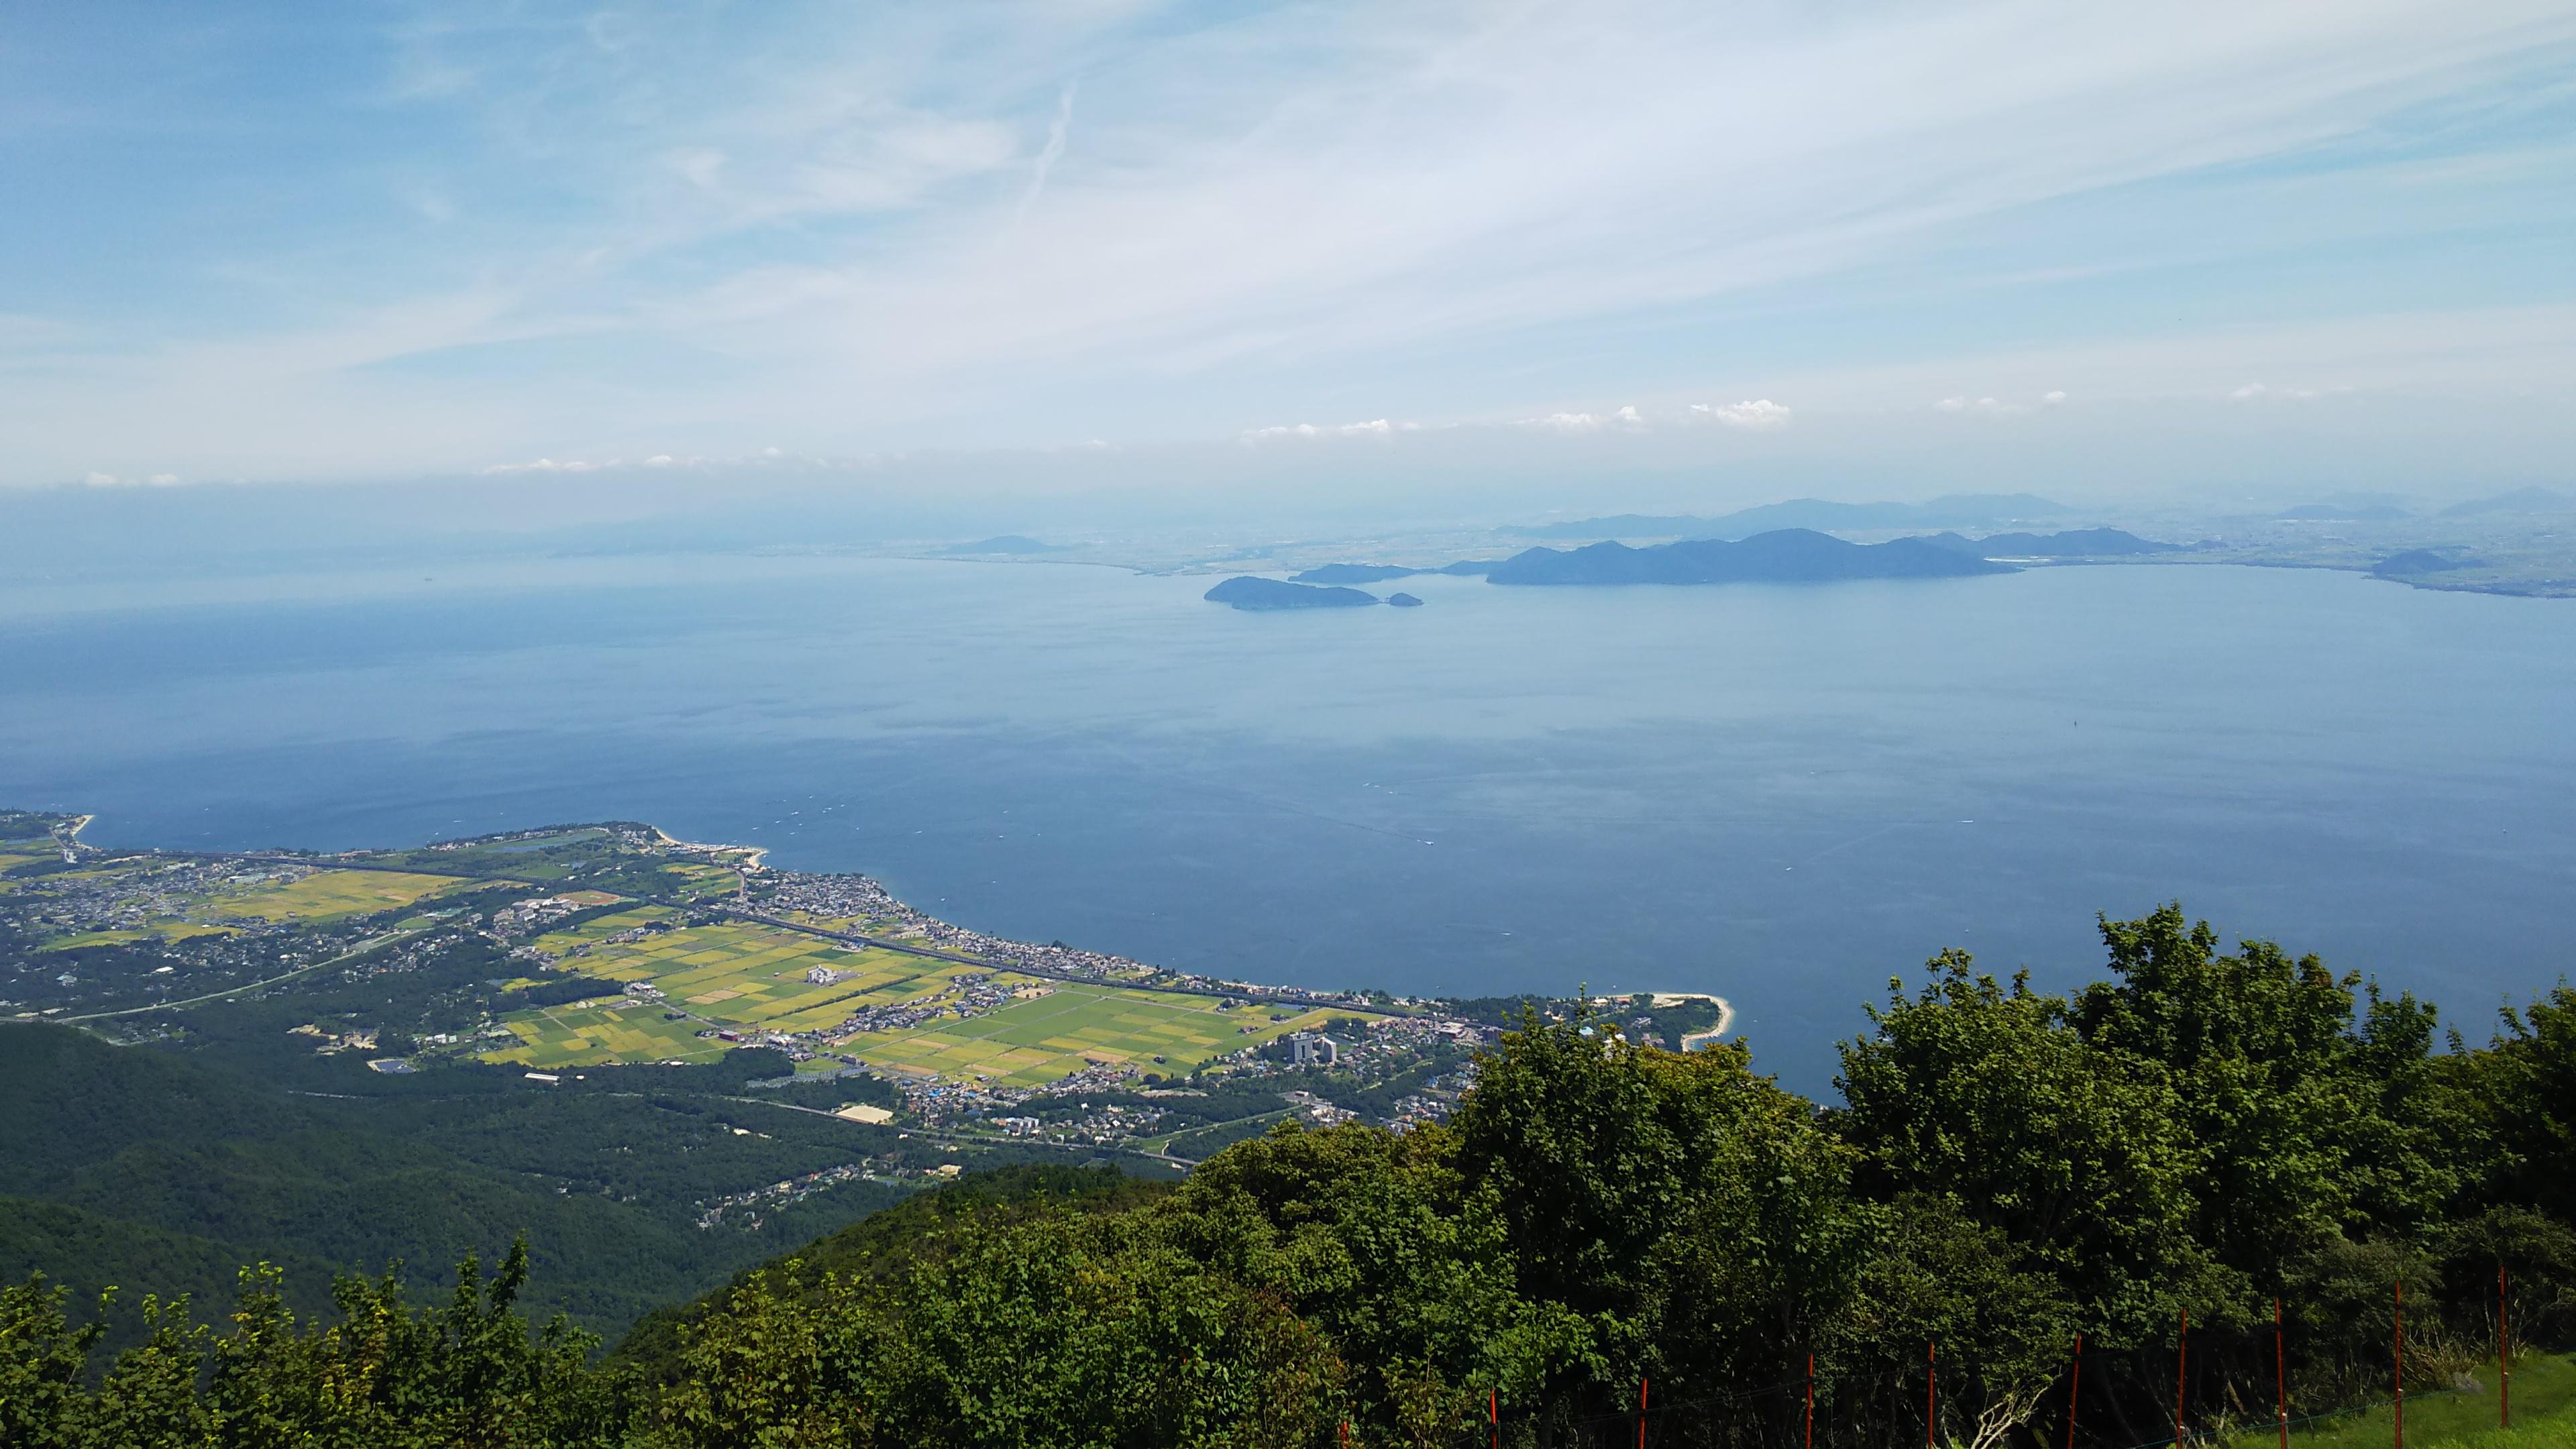 絶景すぎる!琵琶湖テラスと滋賀の魅力発見の旅①